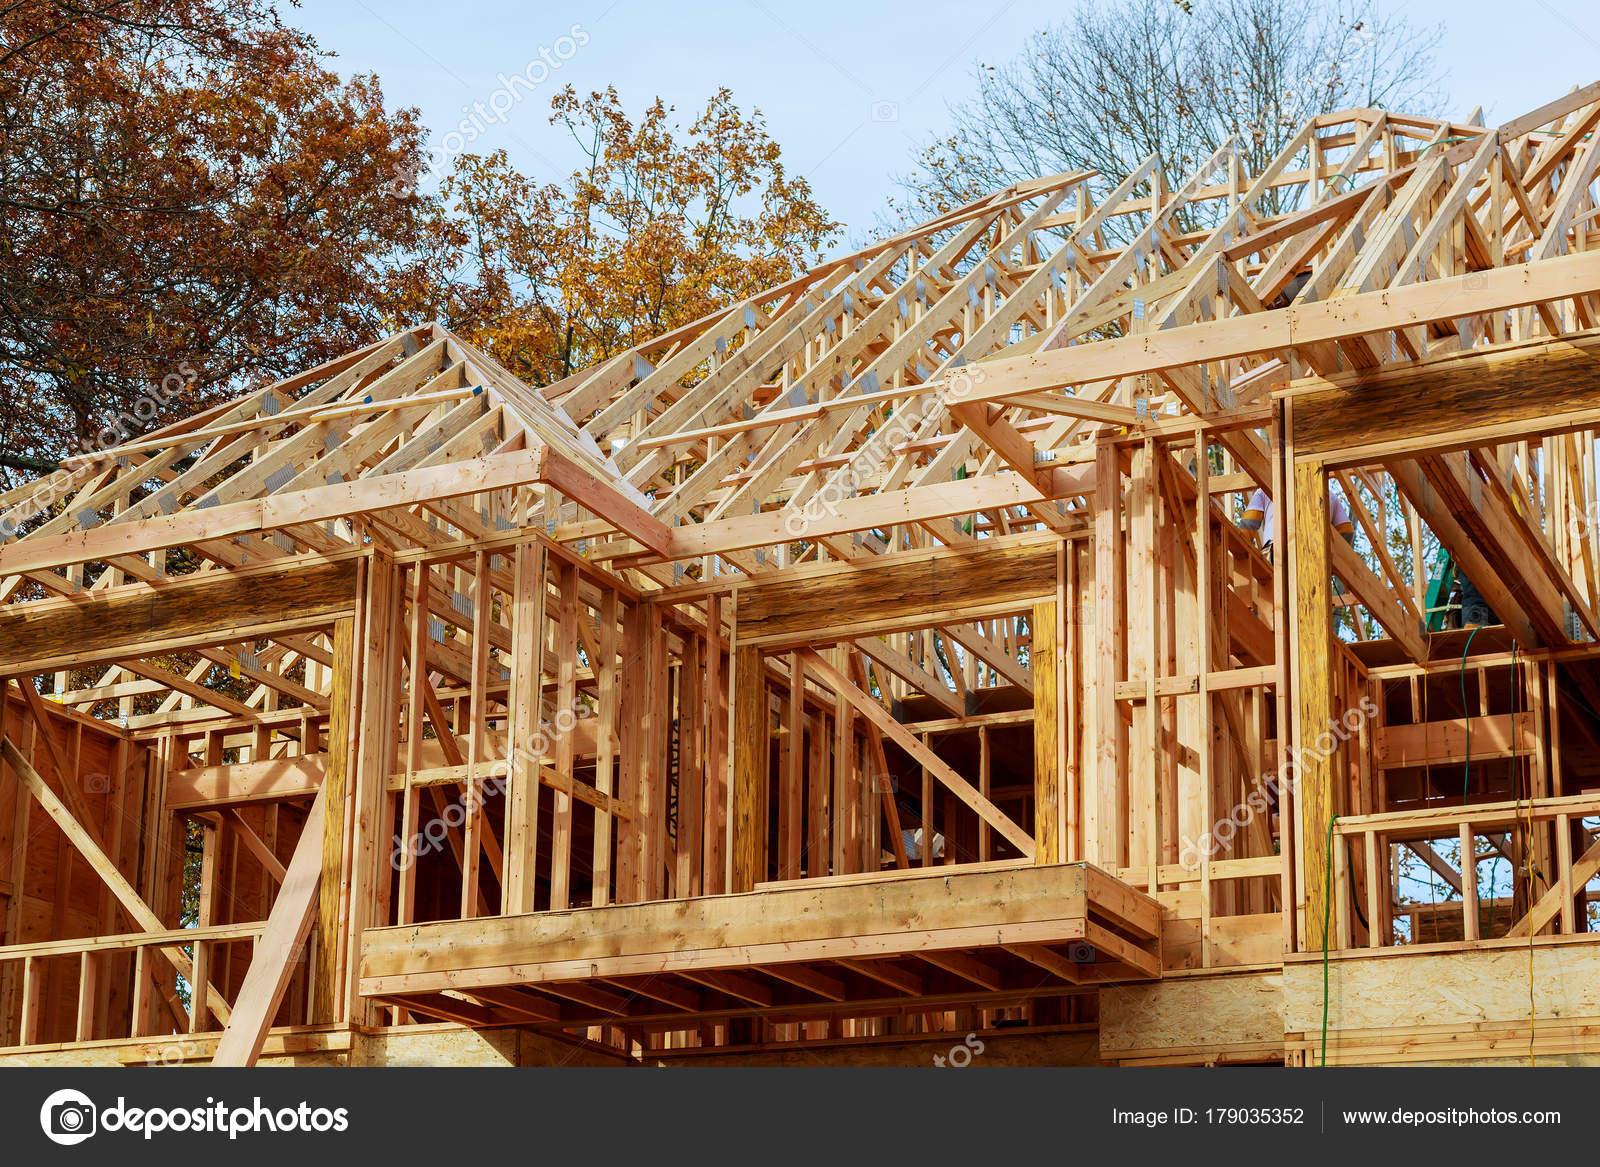 Bekannt Ein Stock errichtete Haus im Bau neu zu bauen, Dach mit Holz und UC55